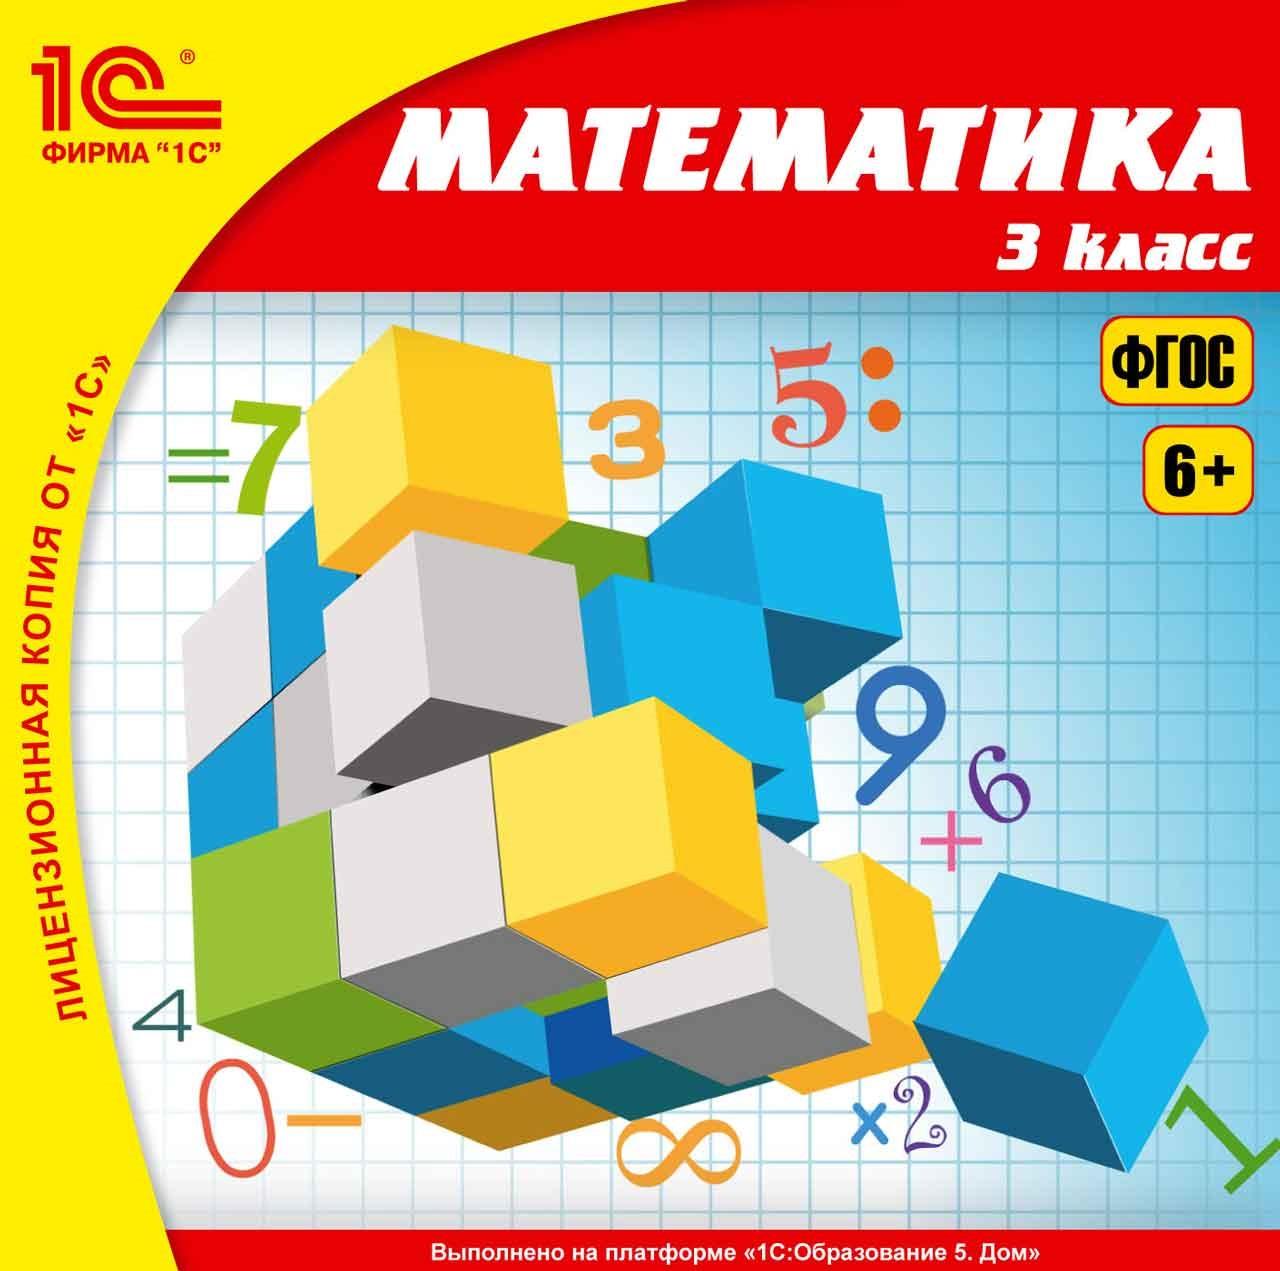 Математика, 3 класс [Цифровая версия] (Цифровая версия) математика 5 класс цифровая версия